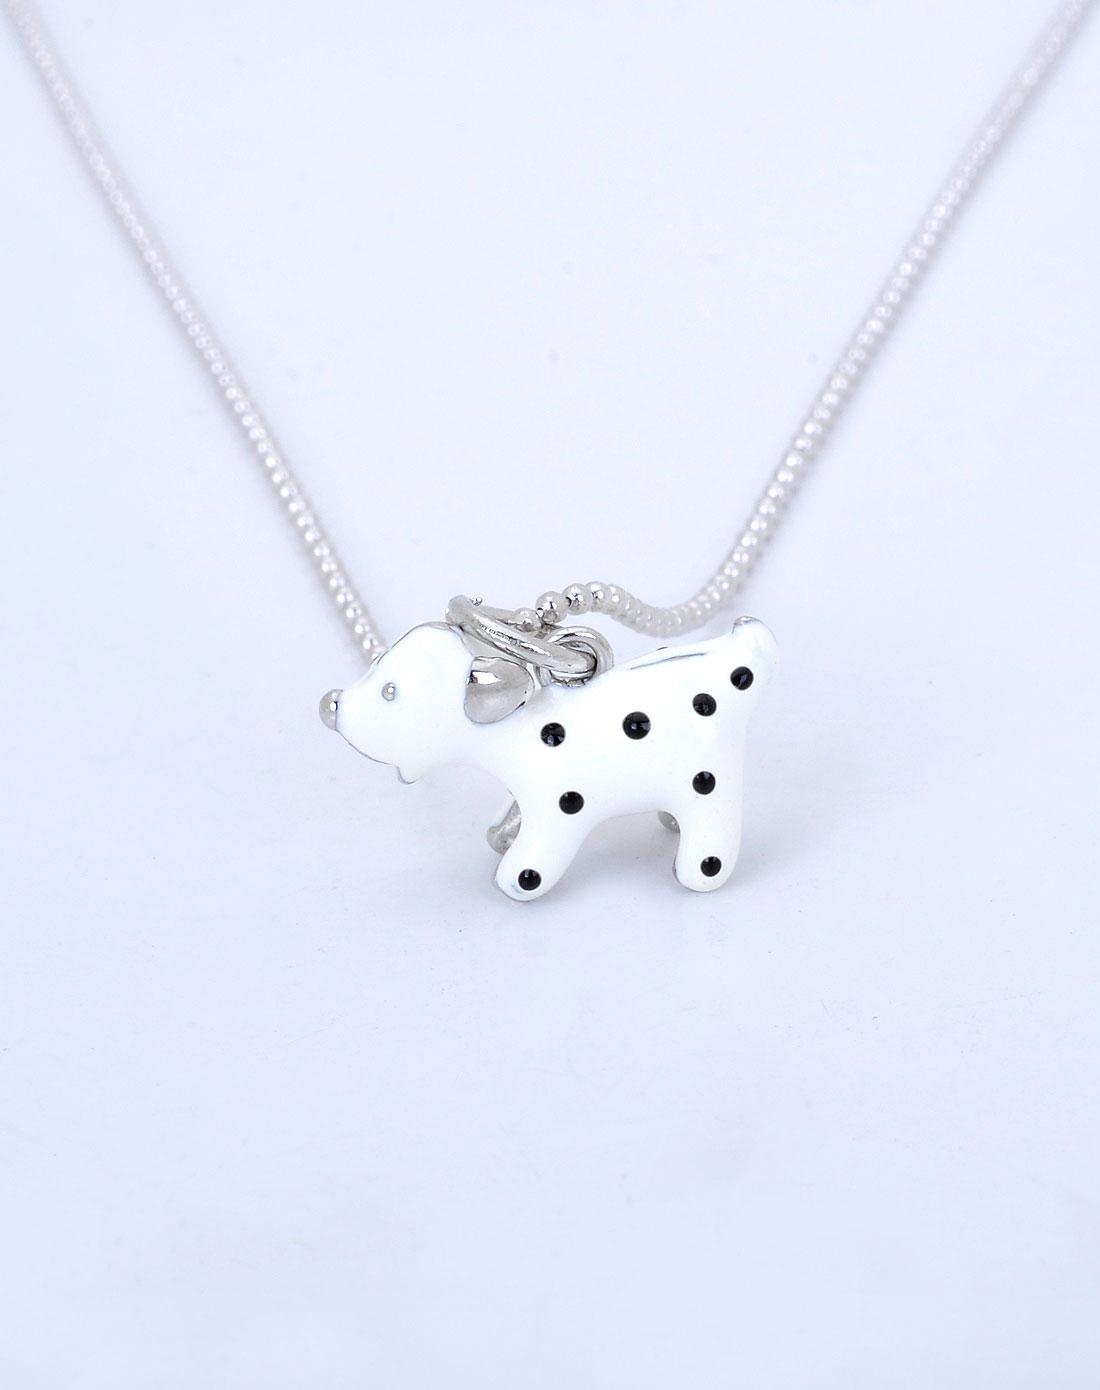 cling白色可爱小狗项链